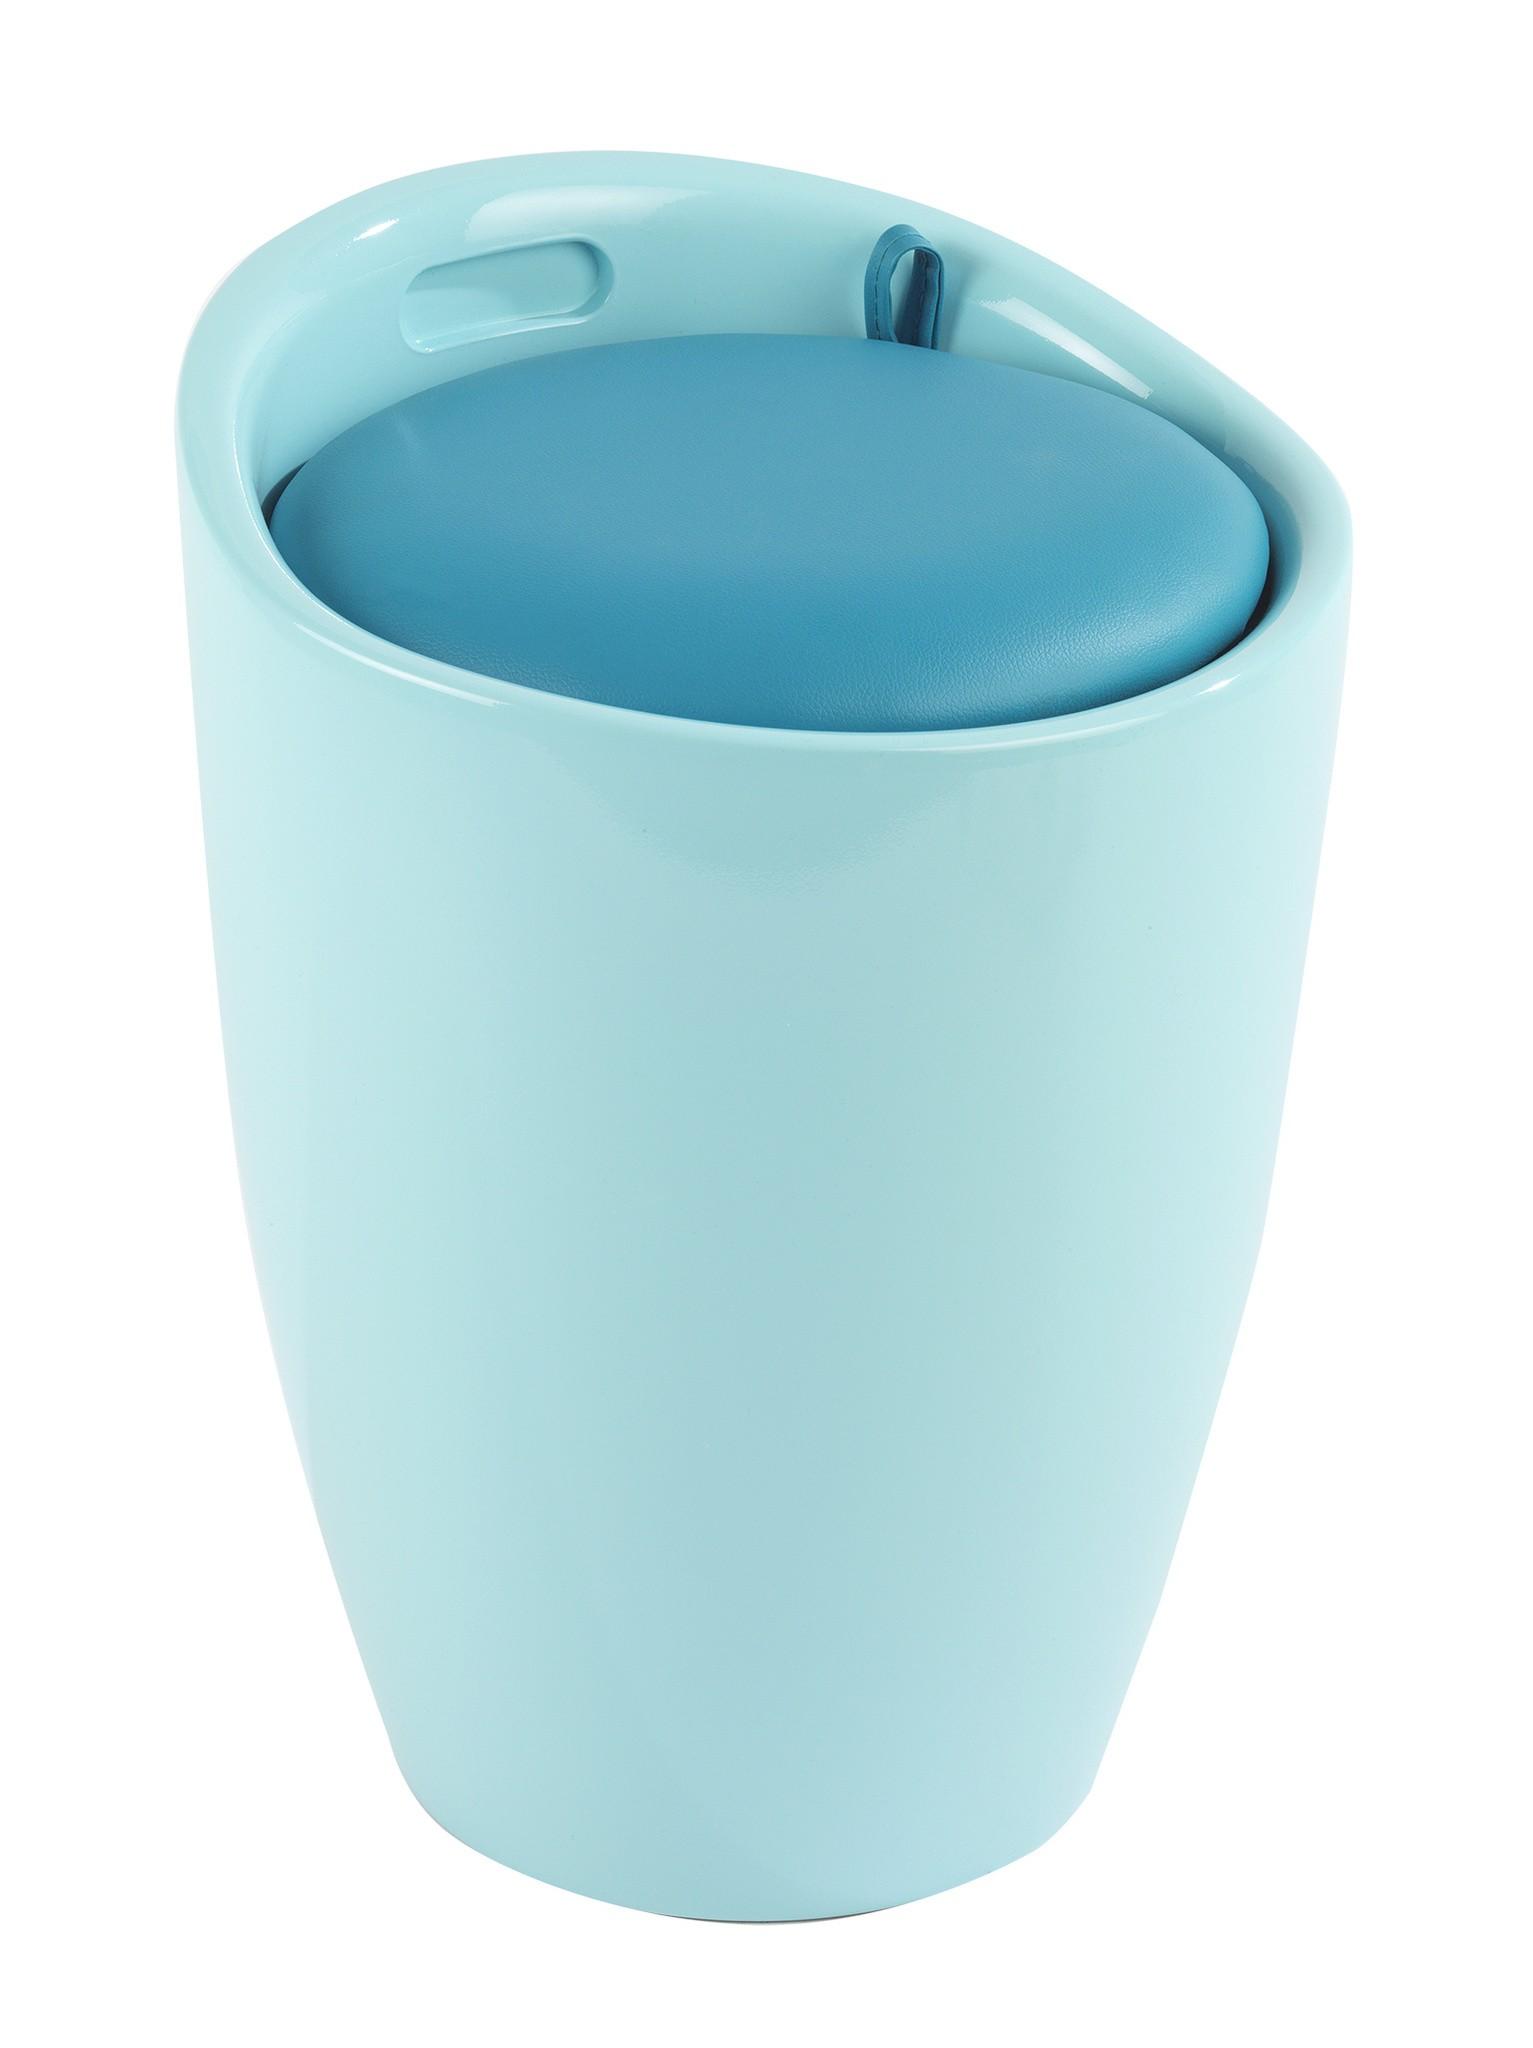 Hocker Candy Eisblau, Badhocker, mit abnehmbarem Wäschesack